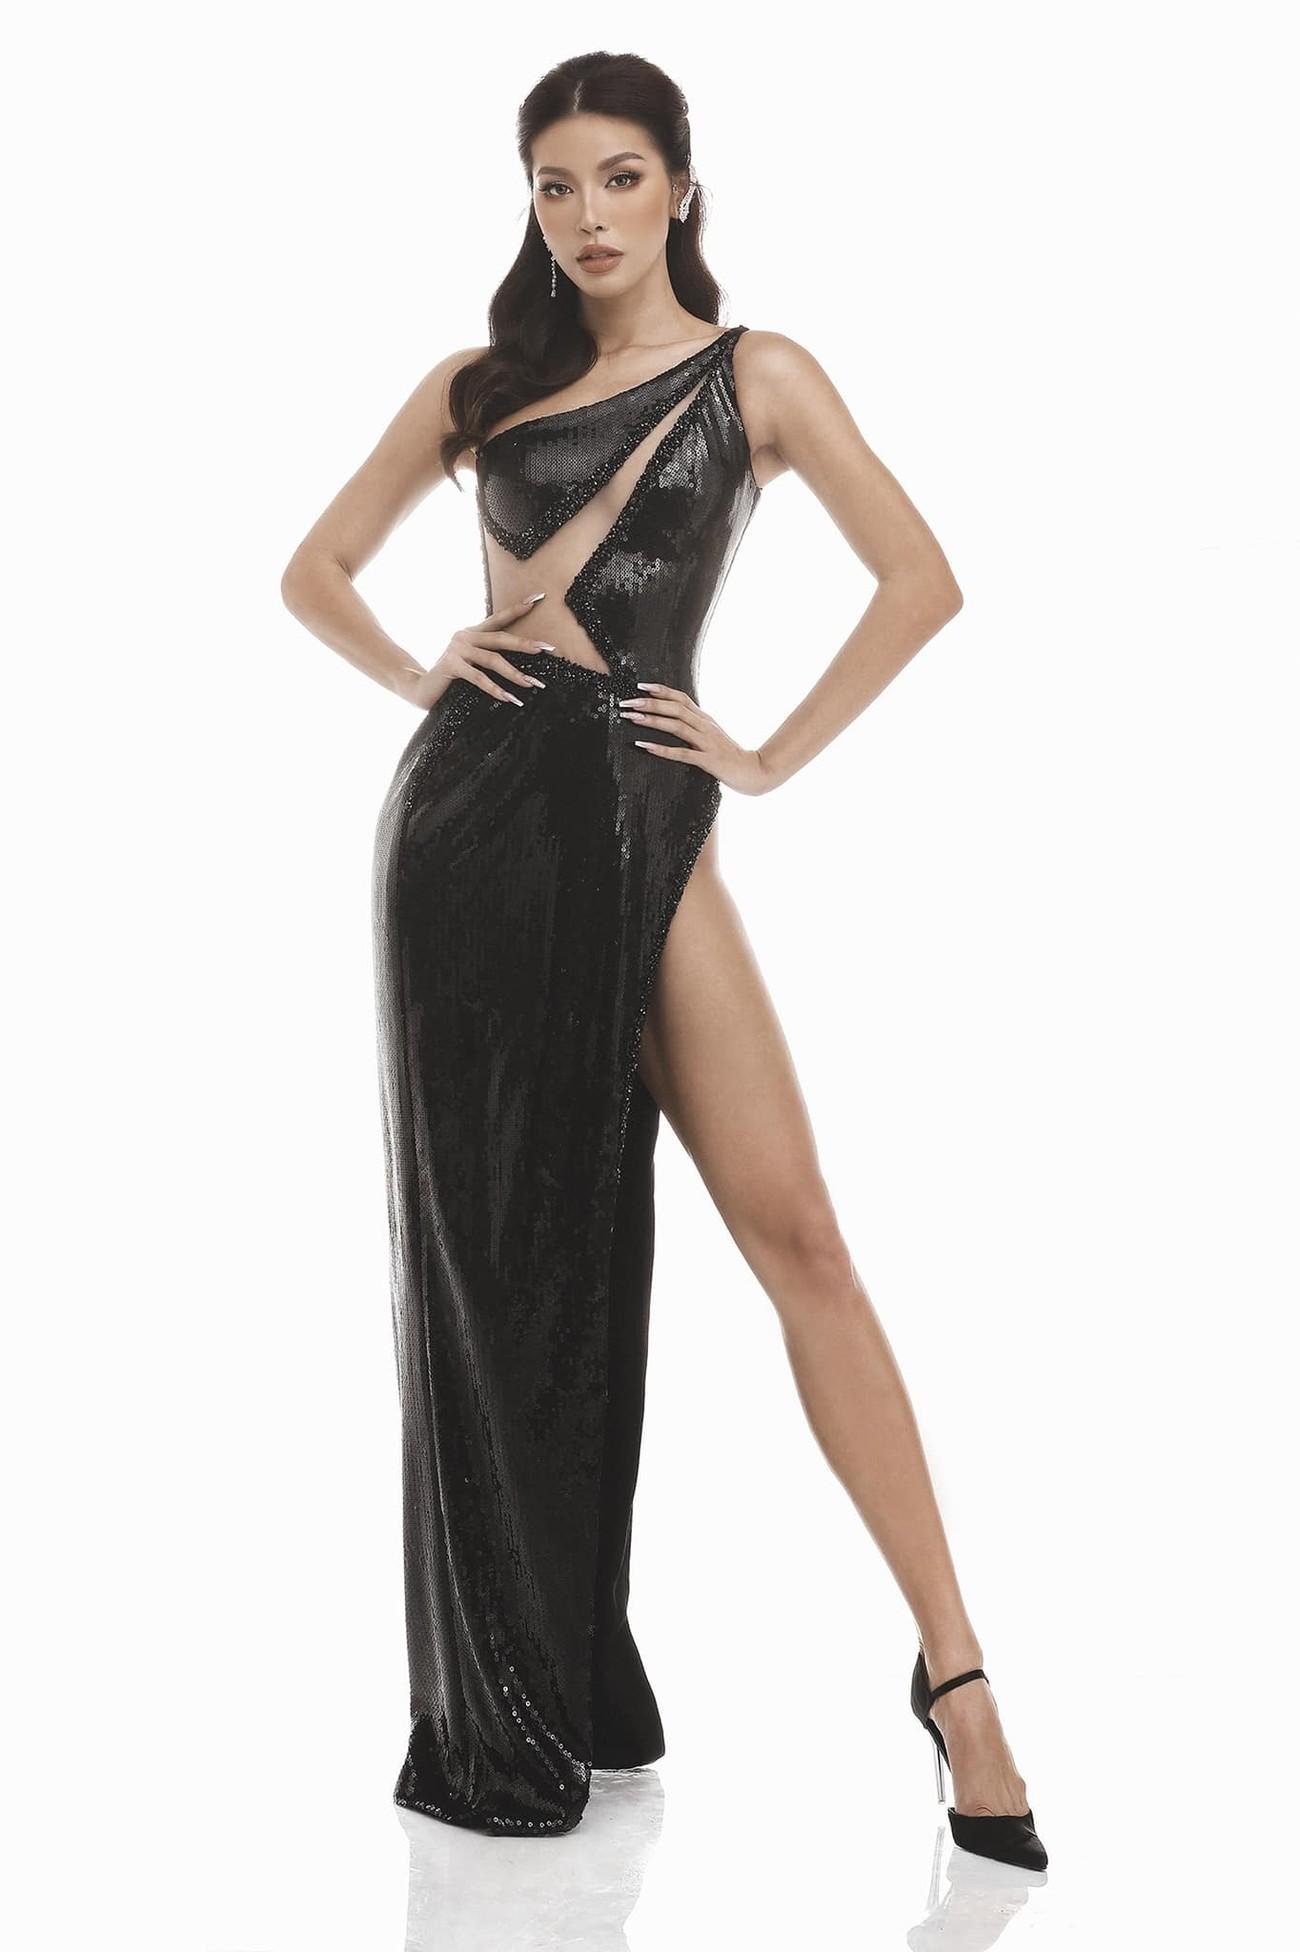 Hoa hậu Thuỳ Dung tái xuất xinh đẹp, Lương Thuỳ Linh diện áo dài đính kết lạ mắt ảnh 8